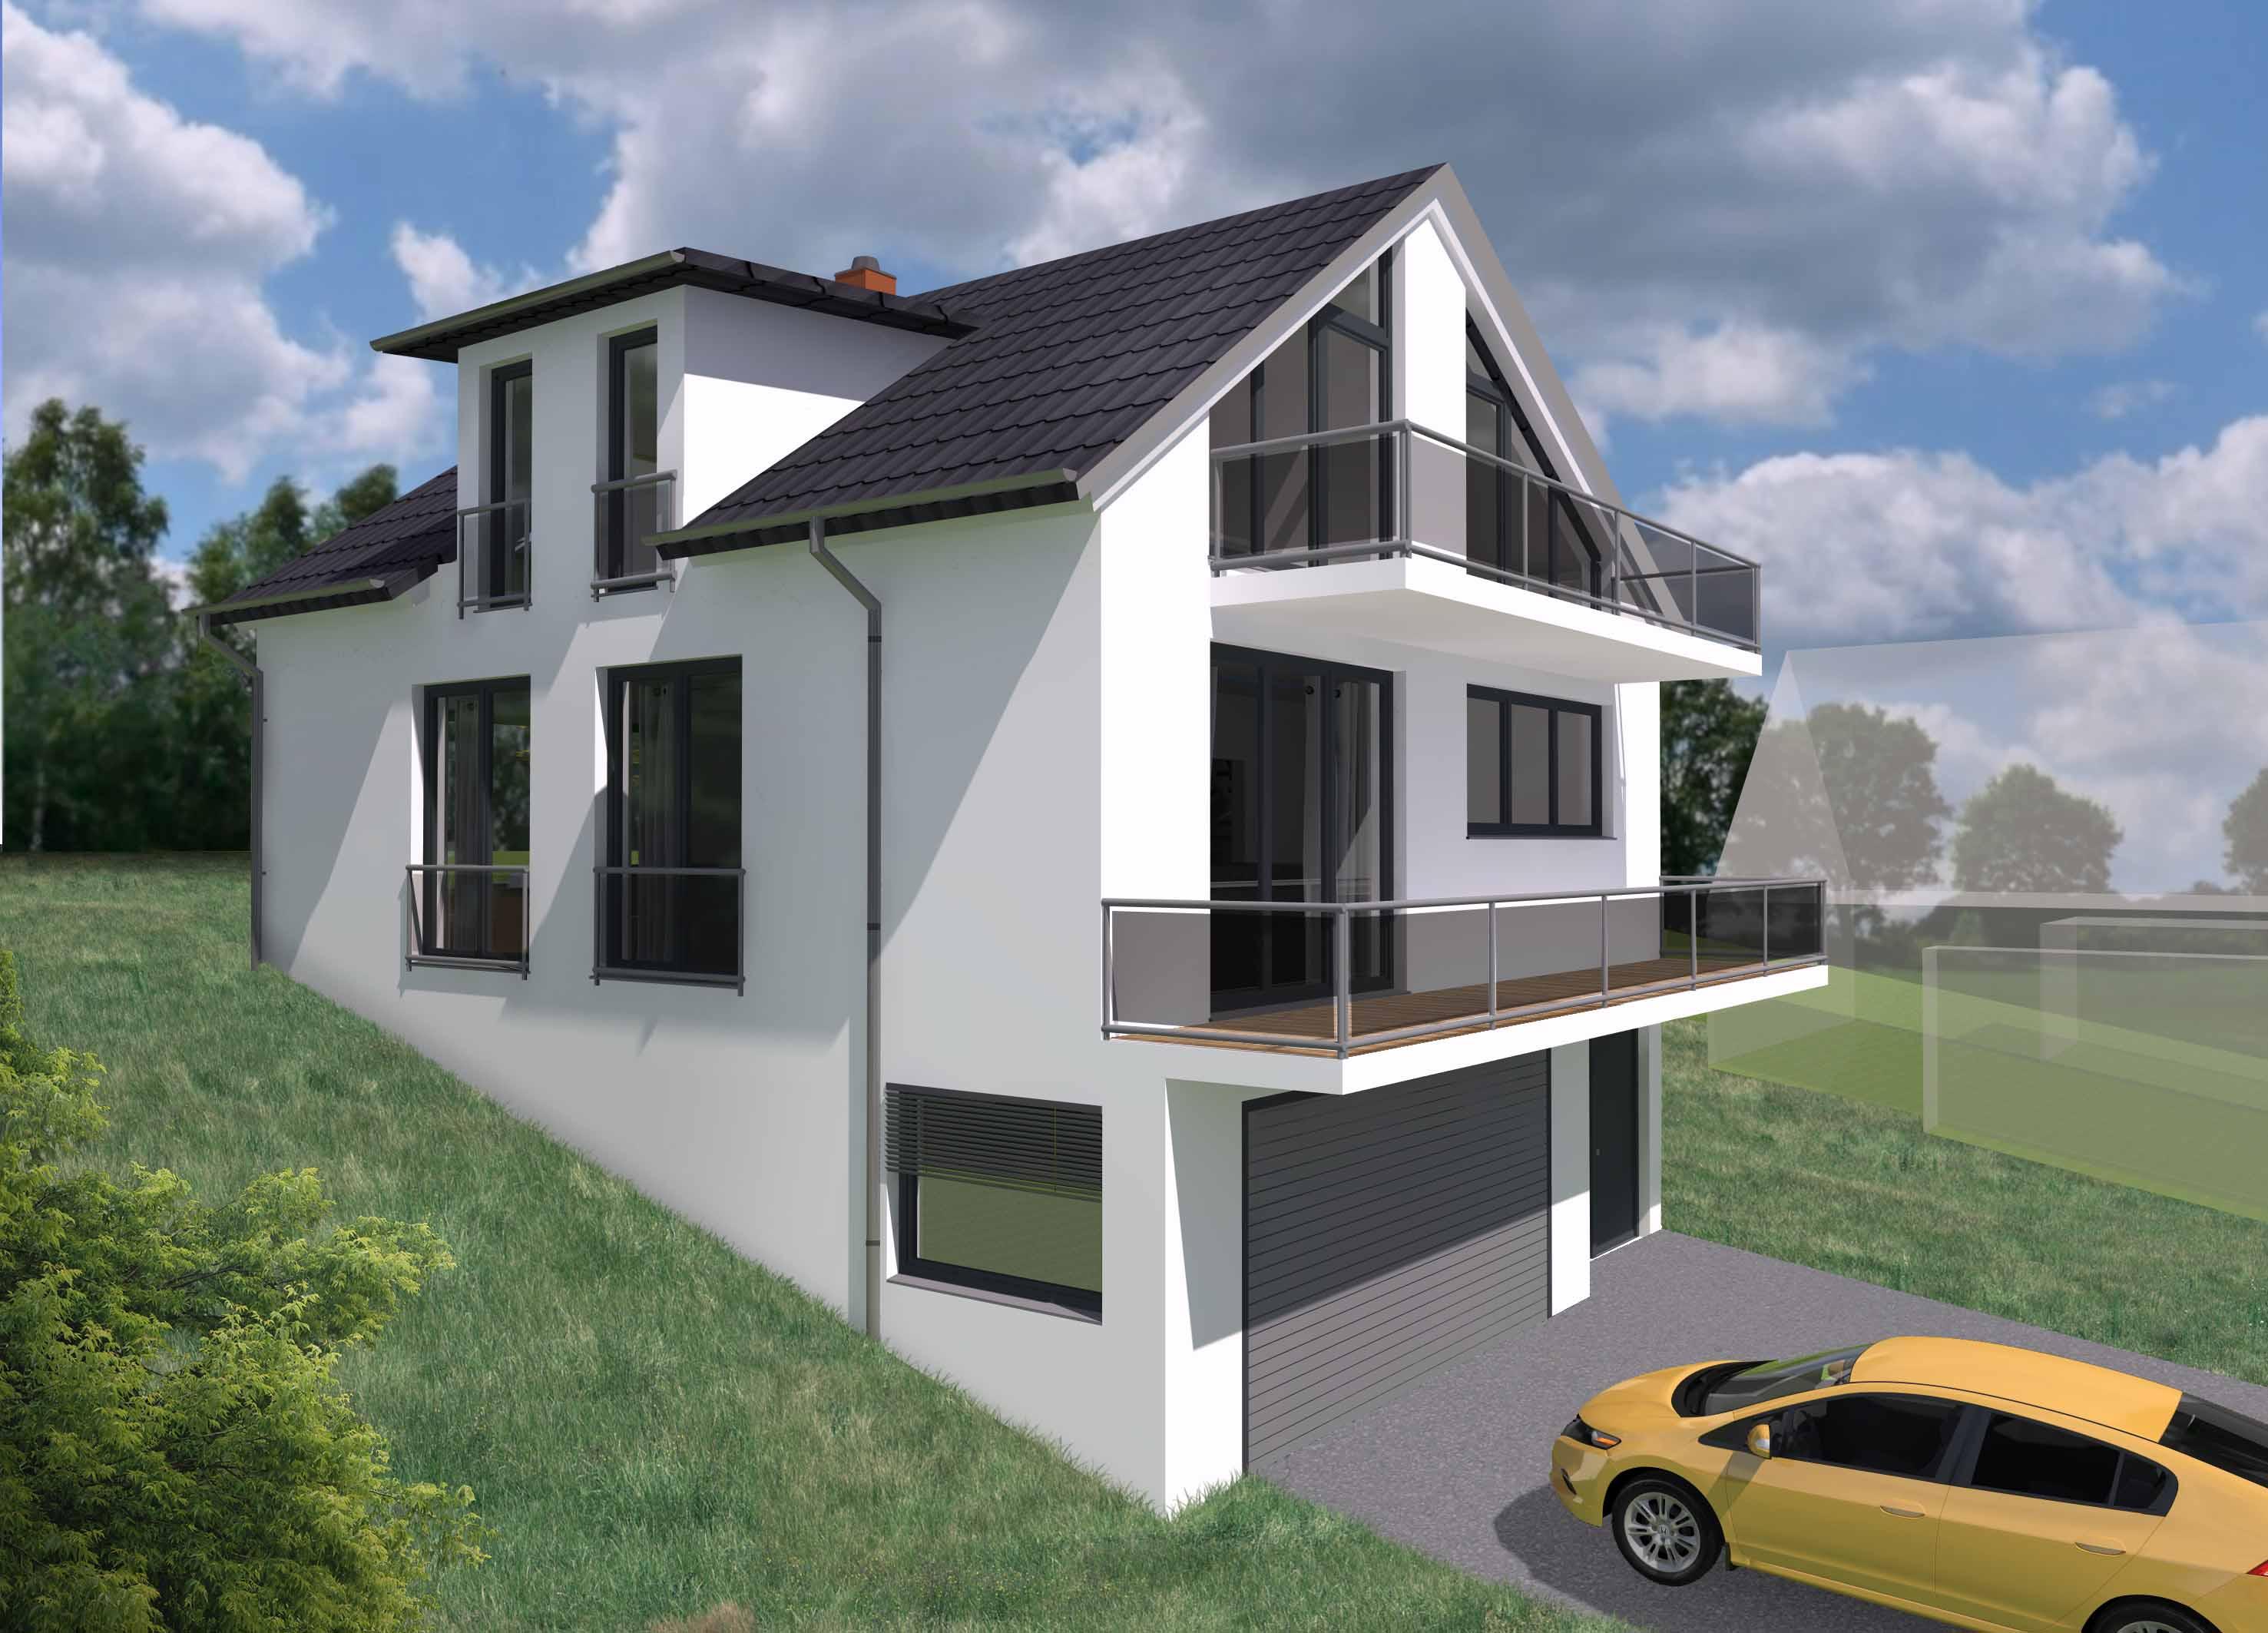 Erfahrungen: Mehrfamilienhaus München - Isar-Haus GmbH